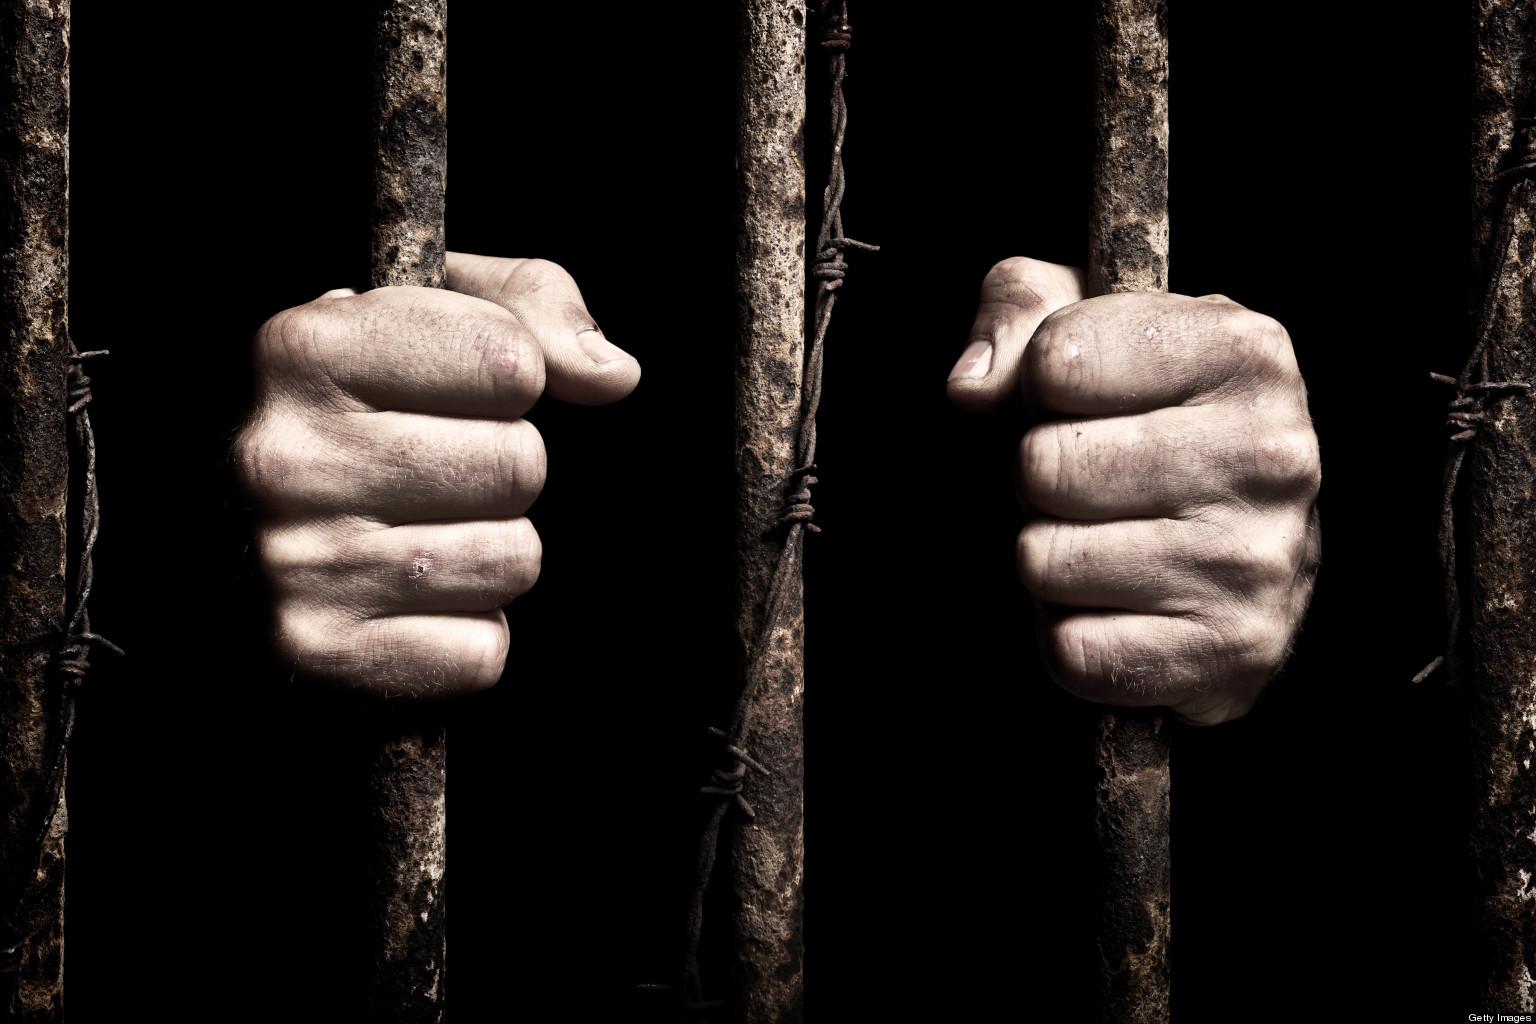 Ανακοίνωση λήξης της απεργίας πείνας του Δικτύου Αγωνιστών Κρατουμένων